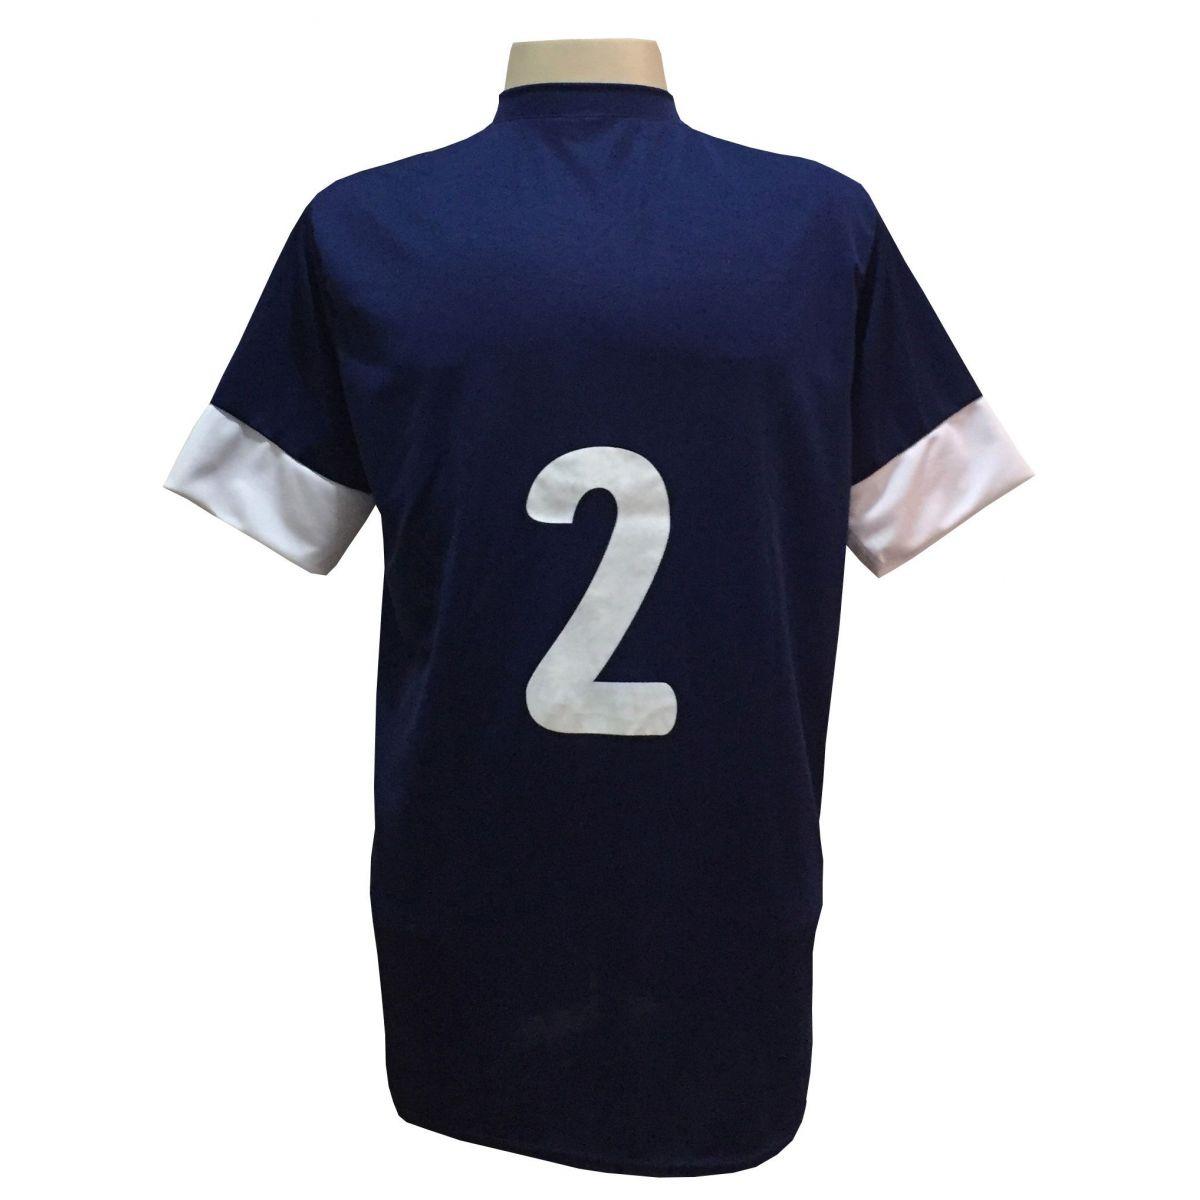 Fardamento Completo modelo Columbus 18+2 (18 Camisas Marinho/Branco + 18 Calções Madrid Branco + 18 Pares de Meiões Brancos + 2 Conjuntos de Goleiro) + Brindes